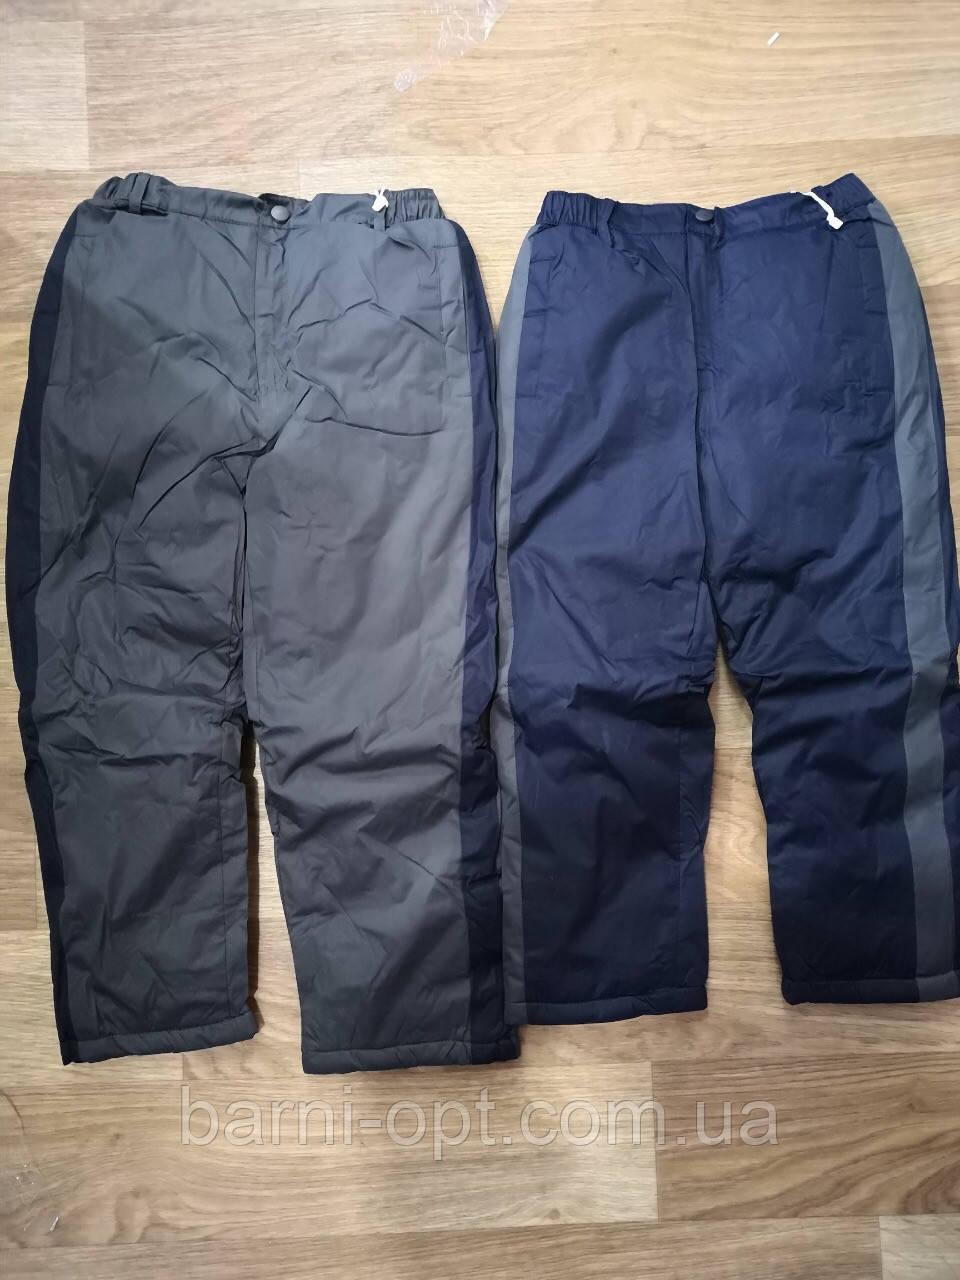 Балоневые брюки утепленные для мальчиков Crossfire, в остатке  4,8 рр